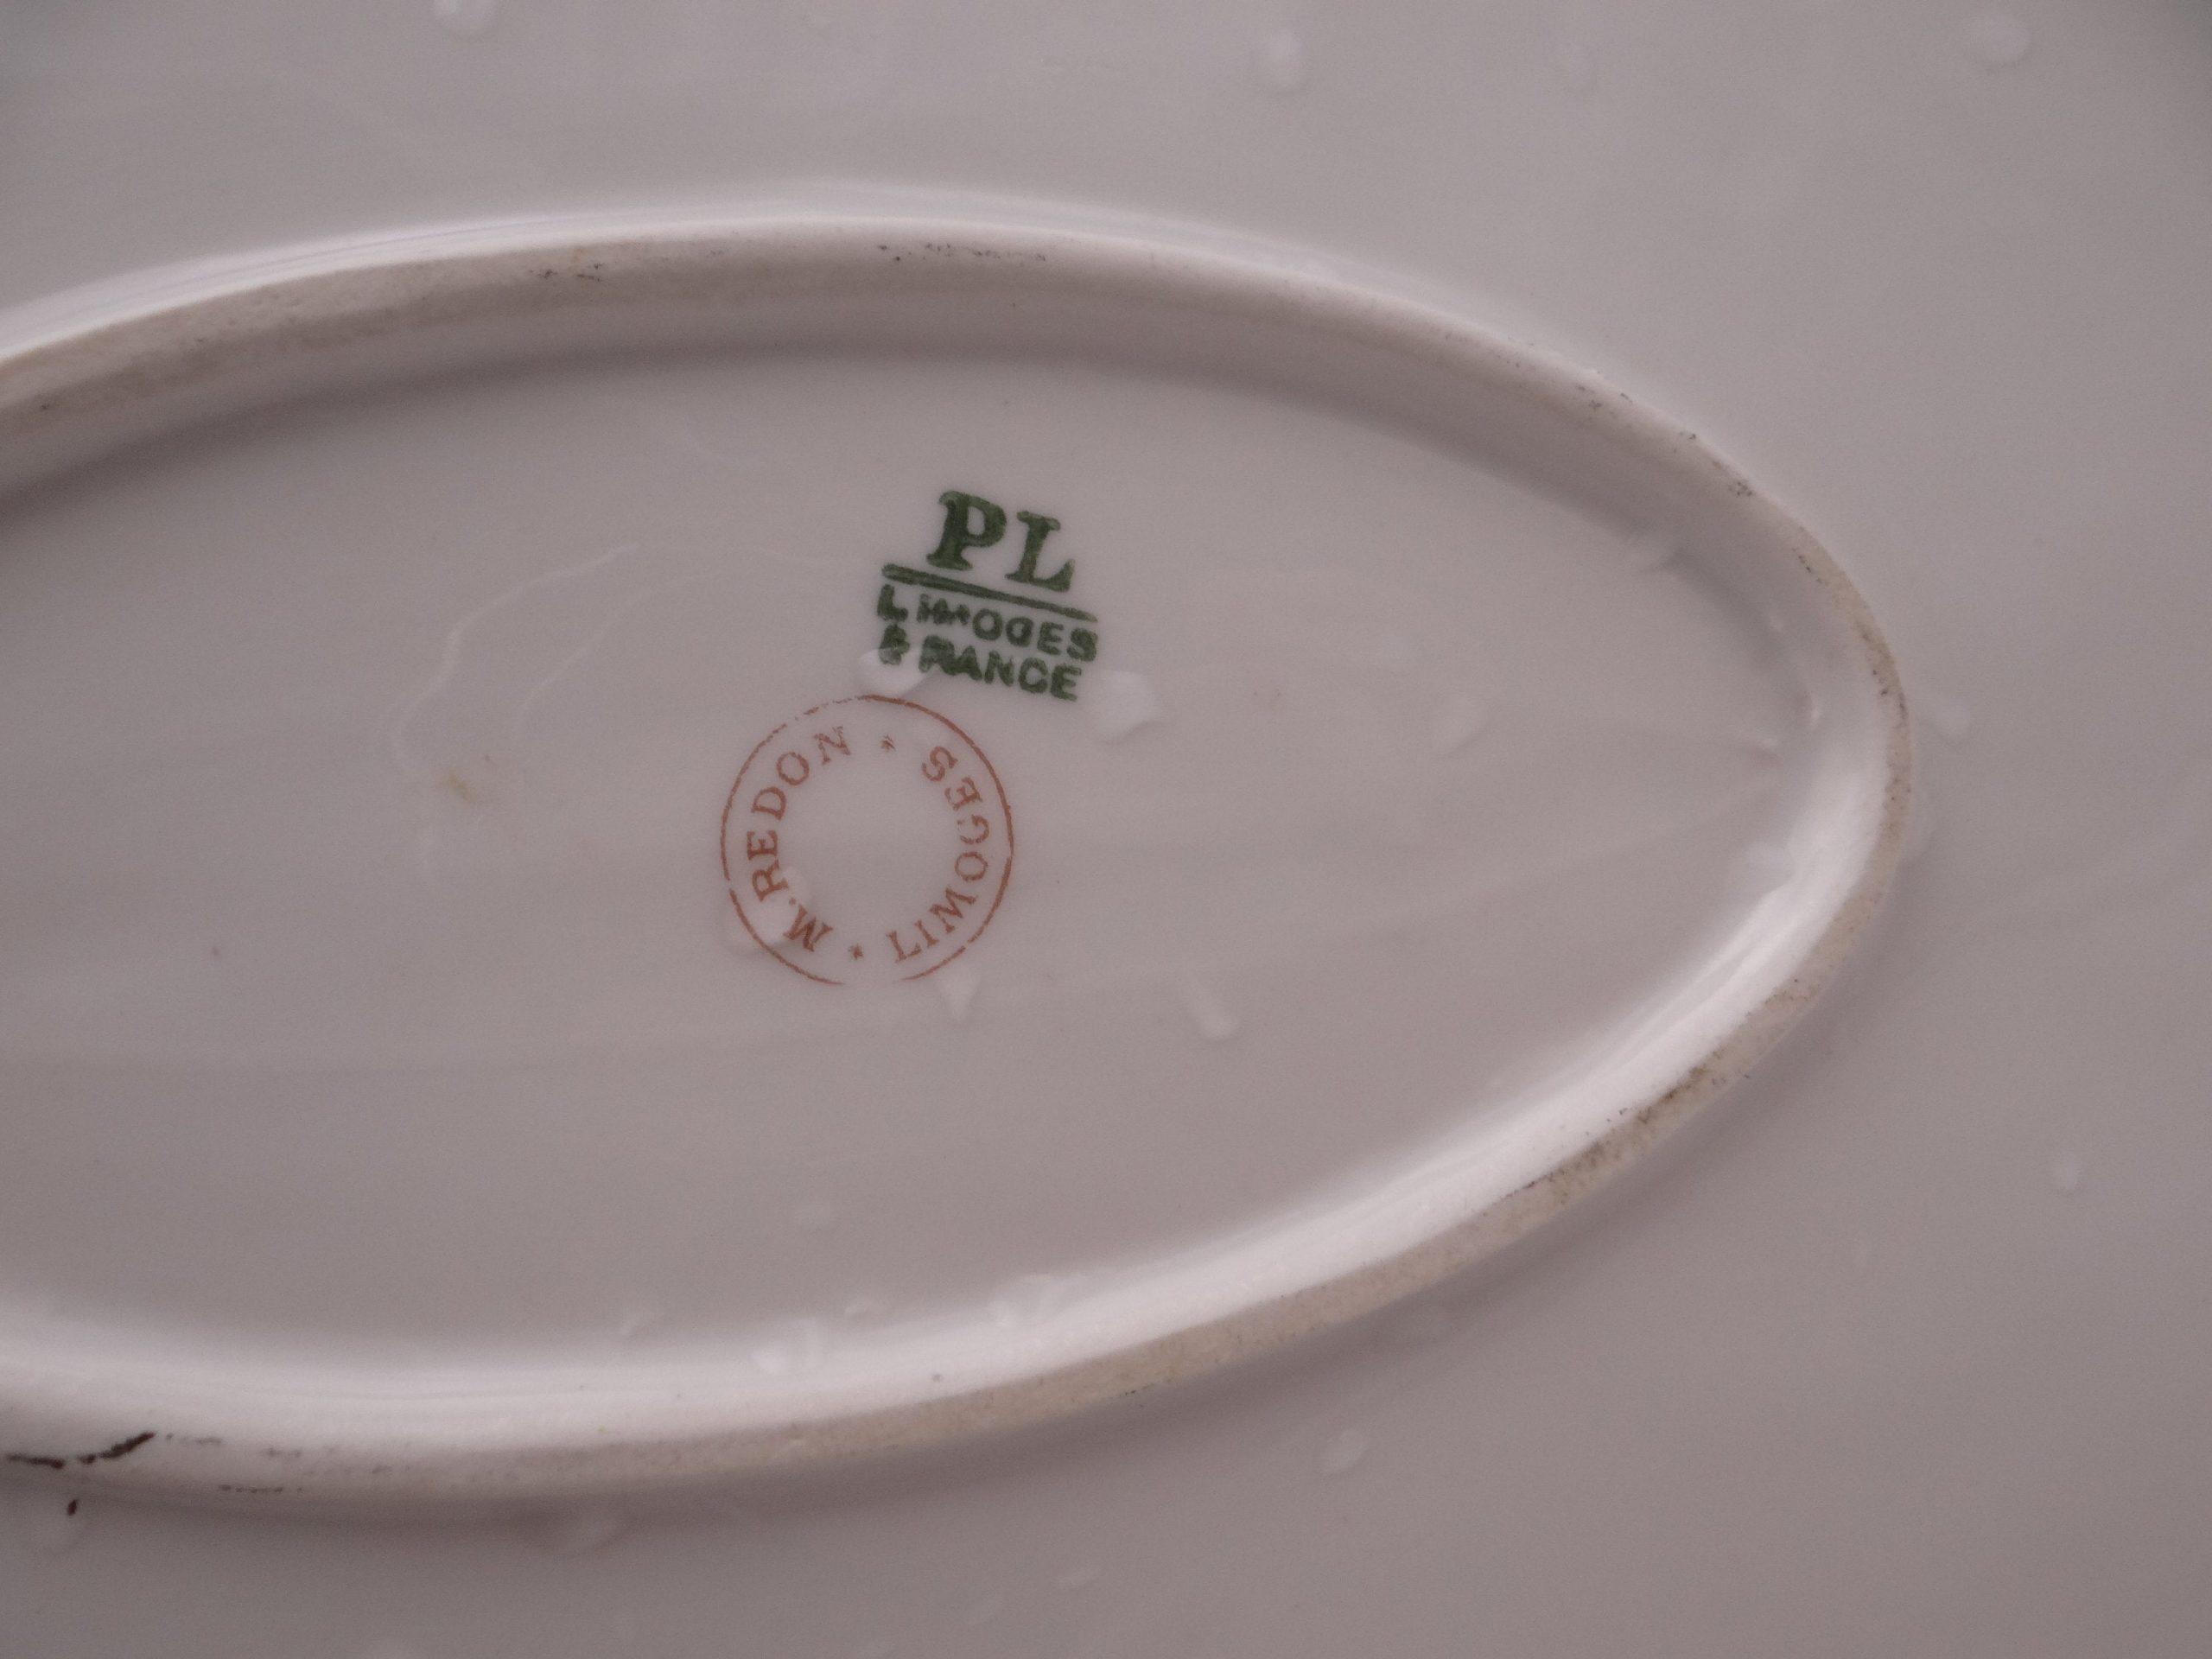 France marks porcelain limoges list Limoges Porcelain